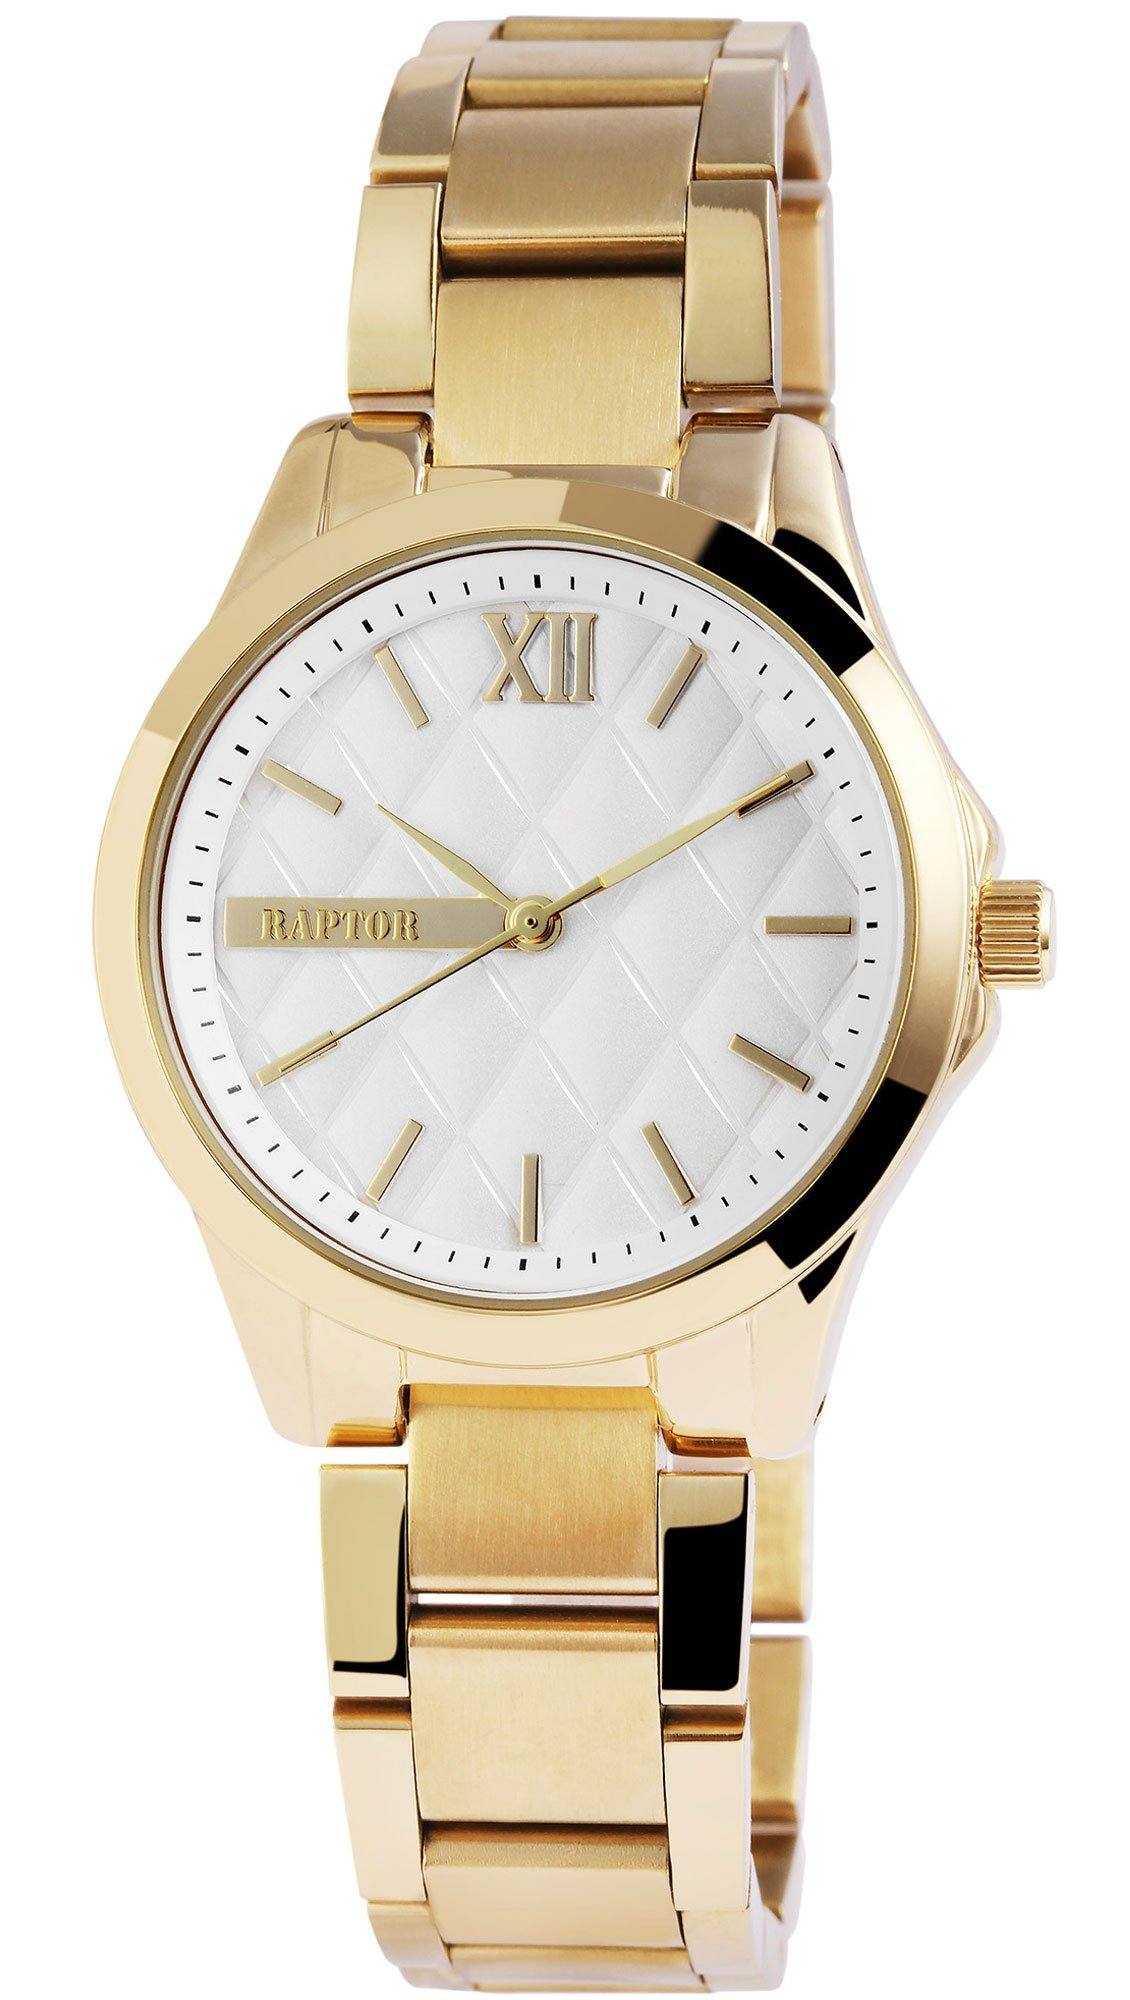 Ρολόι Raptor με χρυσό μπρασελέ 197602500028 - Glami.gr 75d2070f6b8